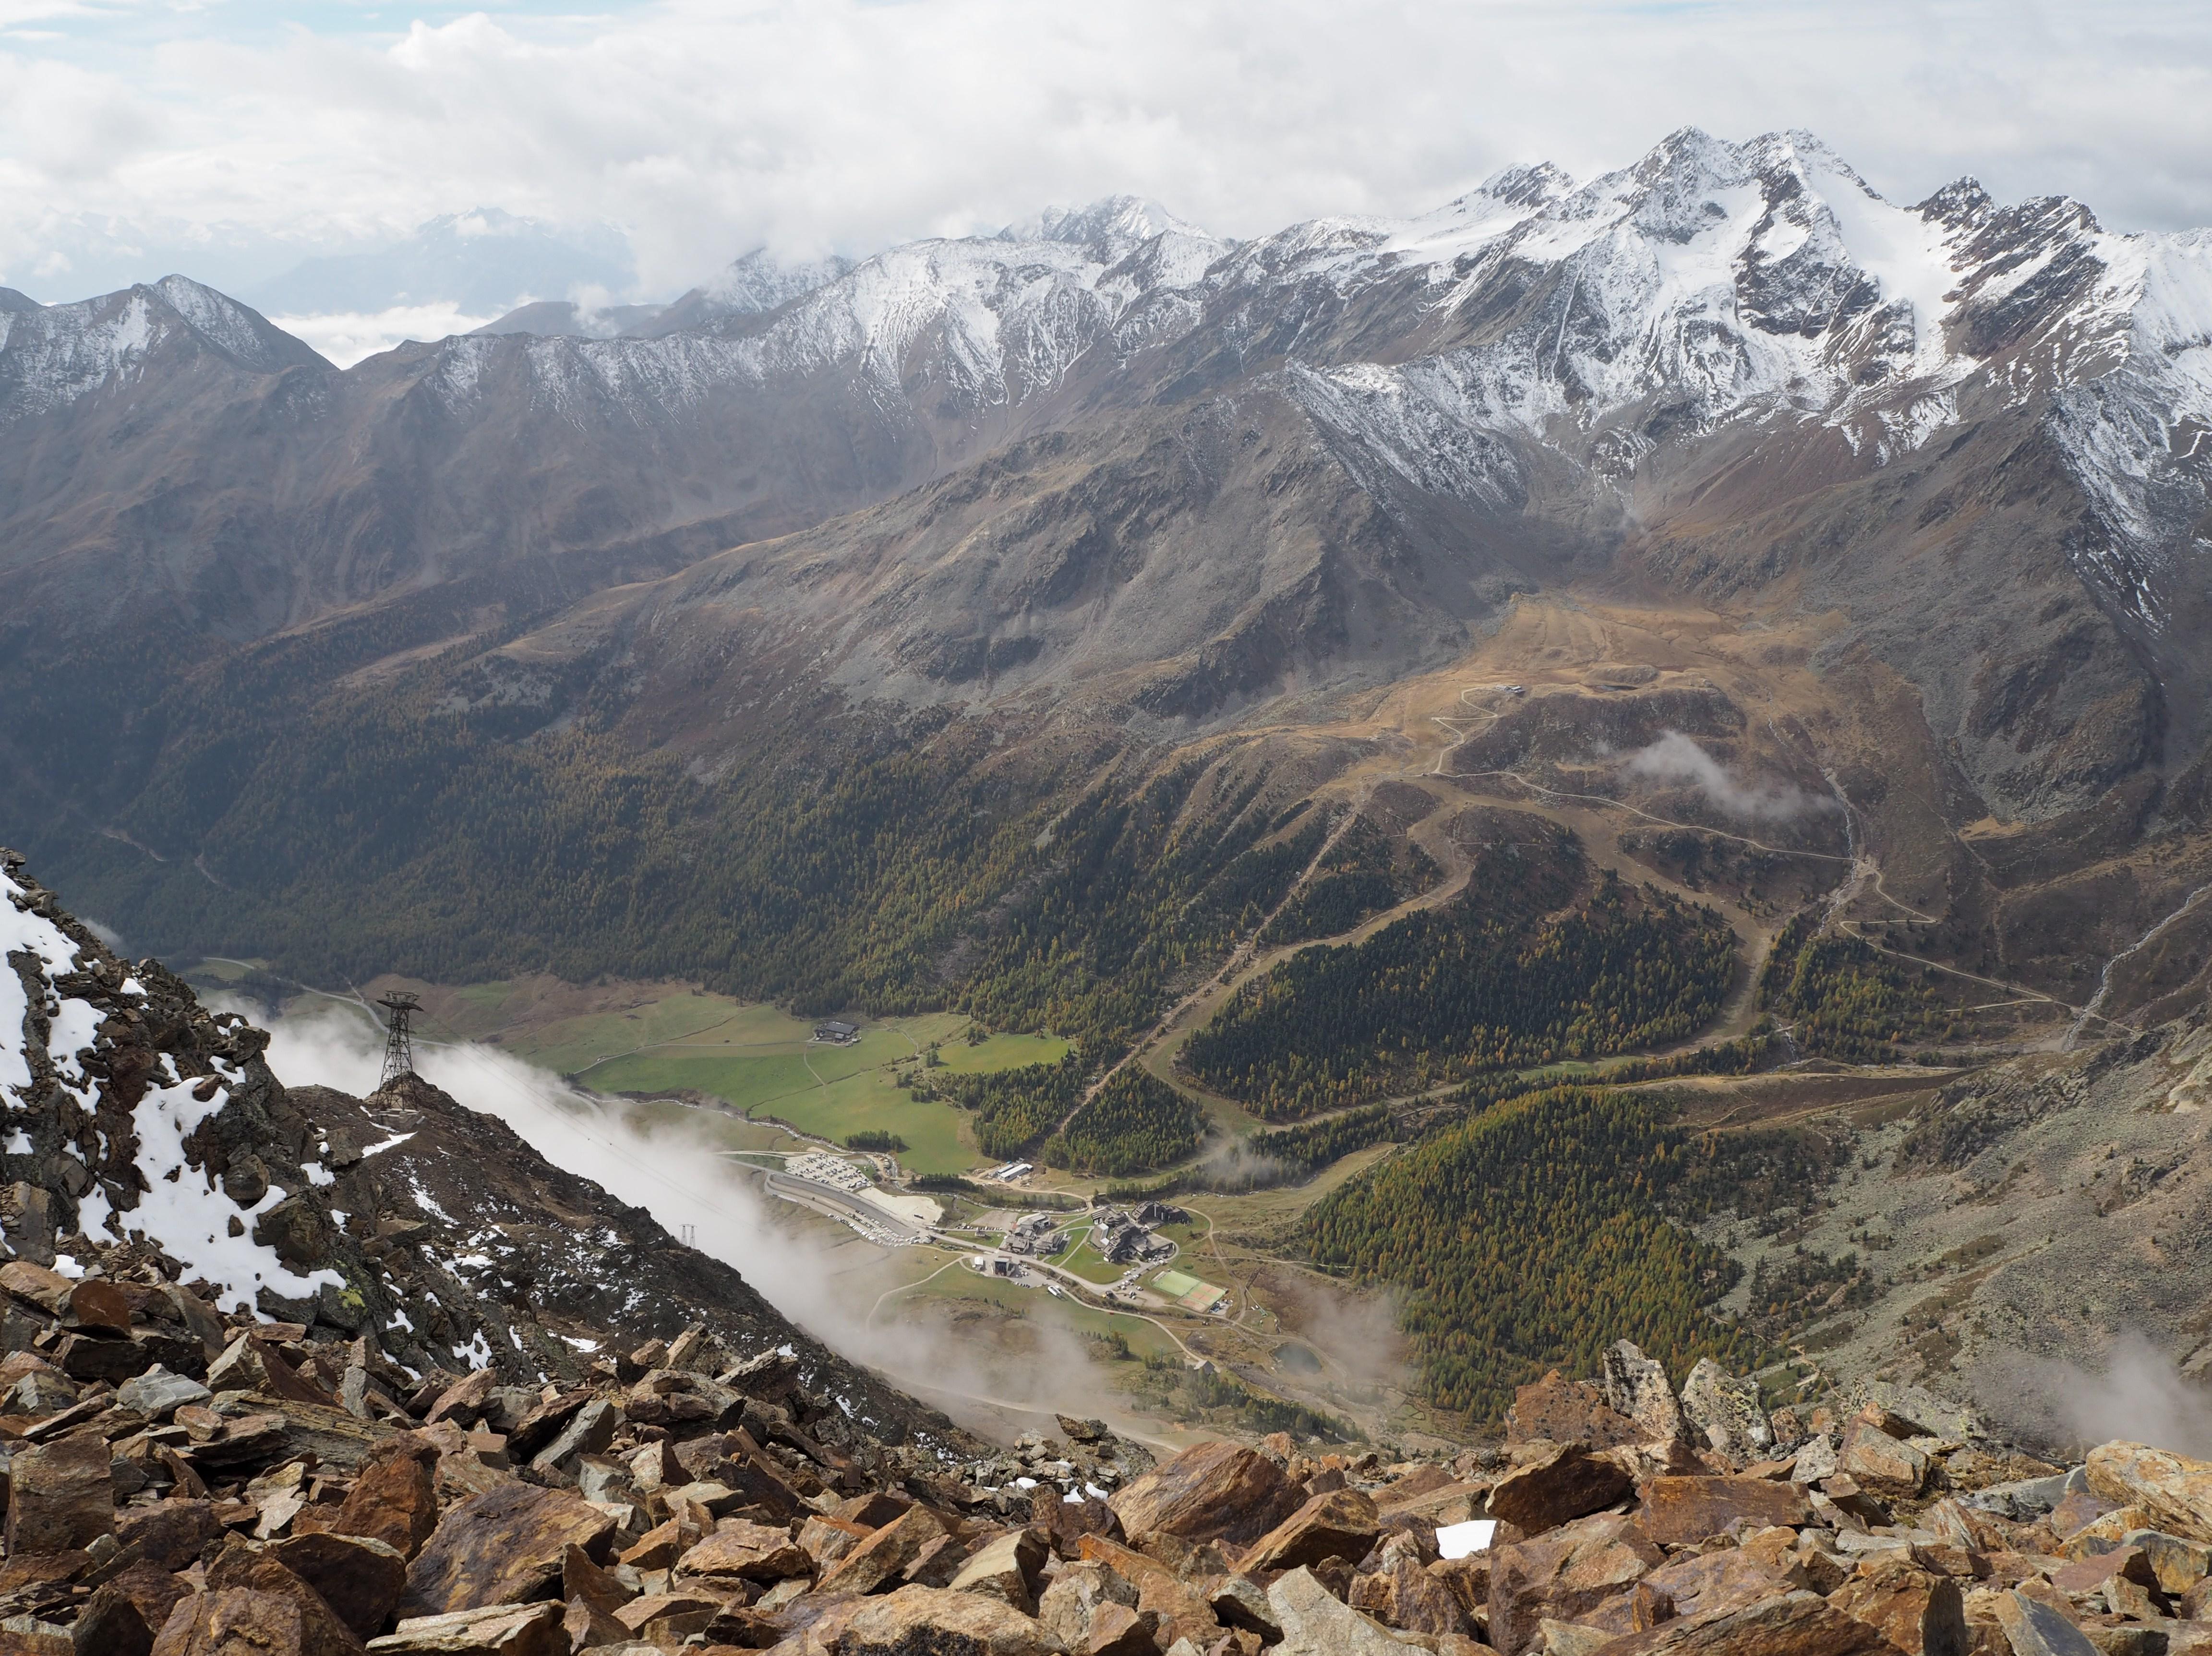 Caravanpark Schnalstal von der Grawandspitze aus fotografiert.